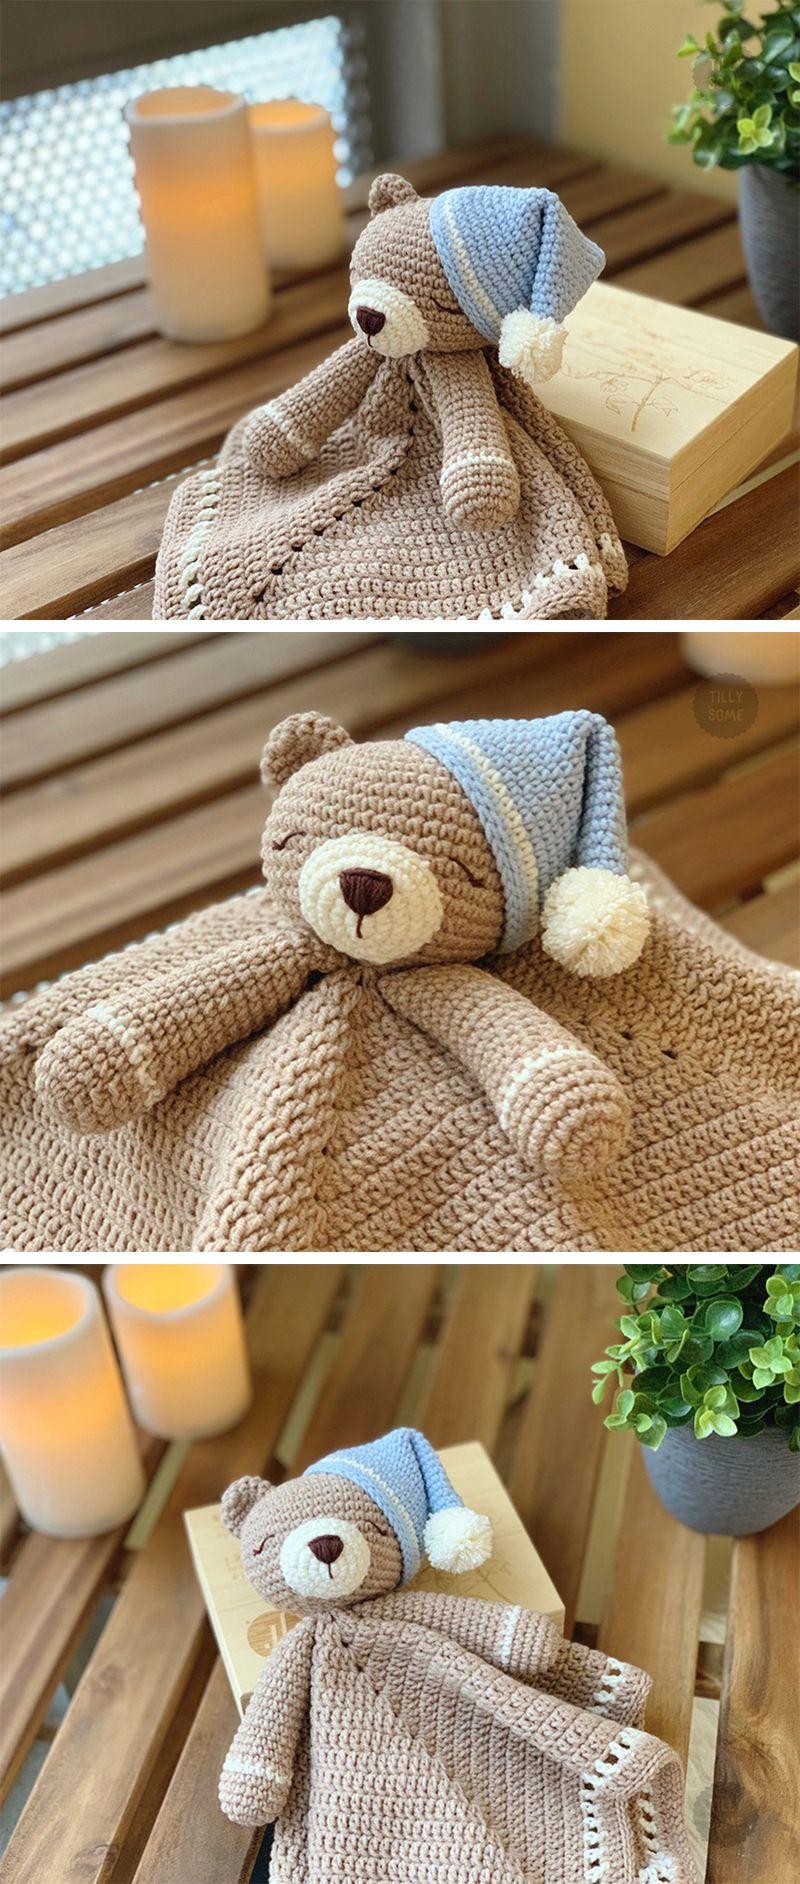 Teddy Bear Lovey Crochet Pattern | Security Blanket | Comforter | PDF Crochet Pattern #teddybearpatterns